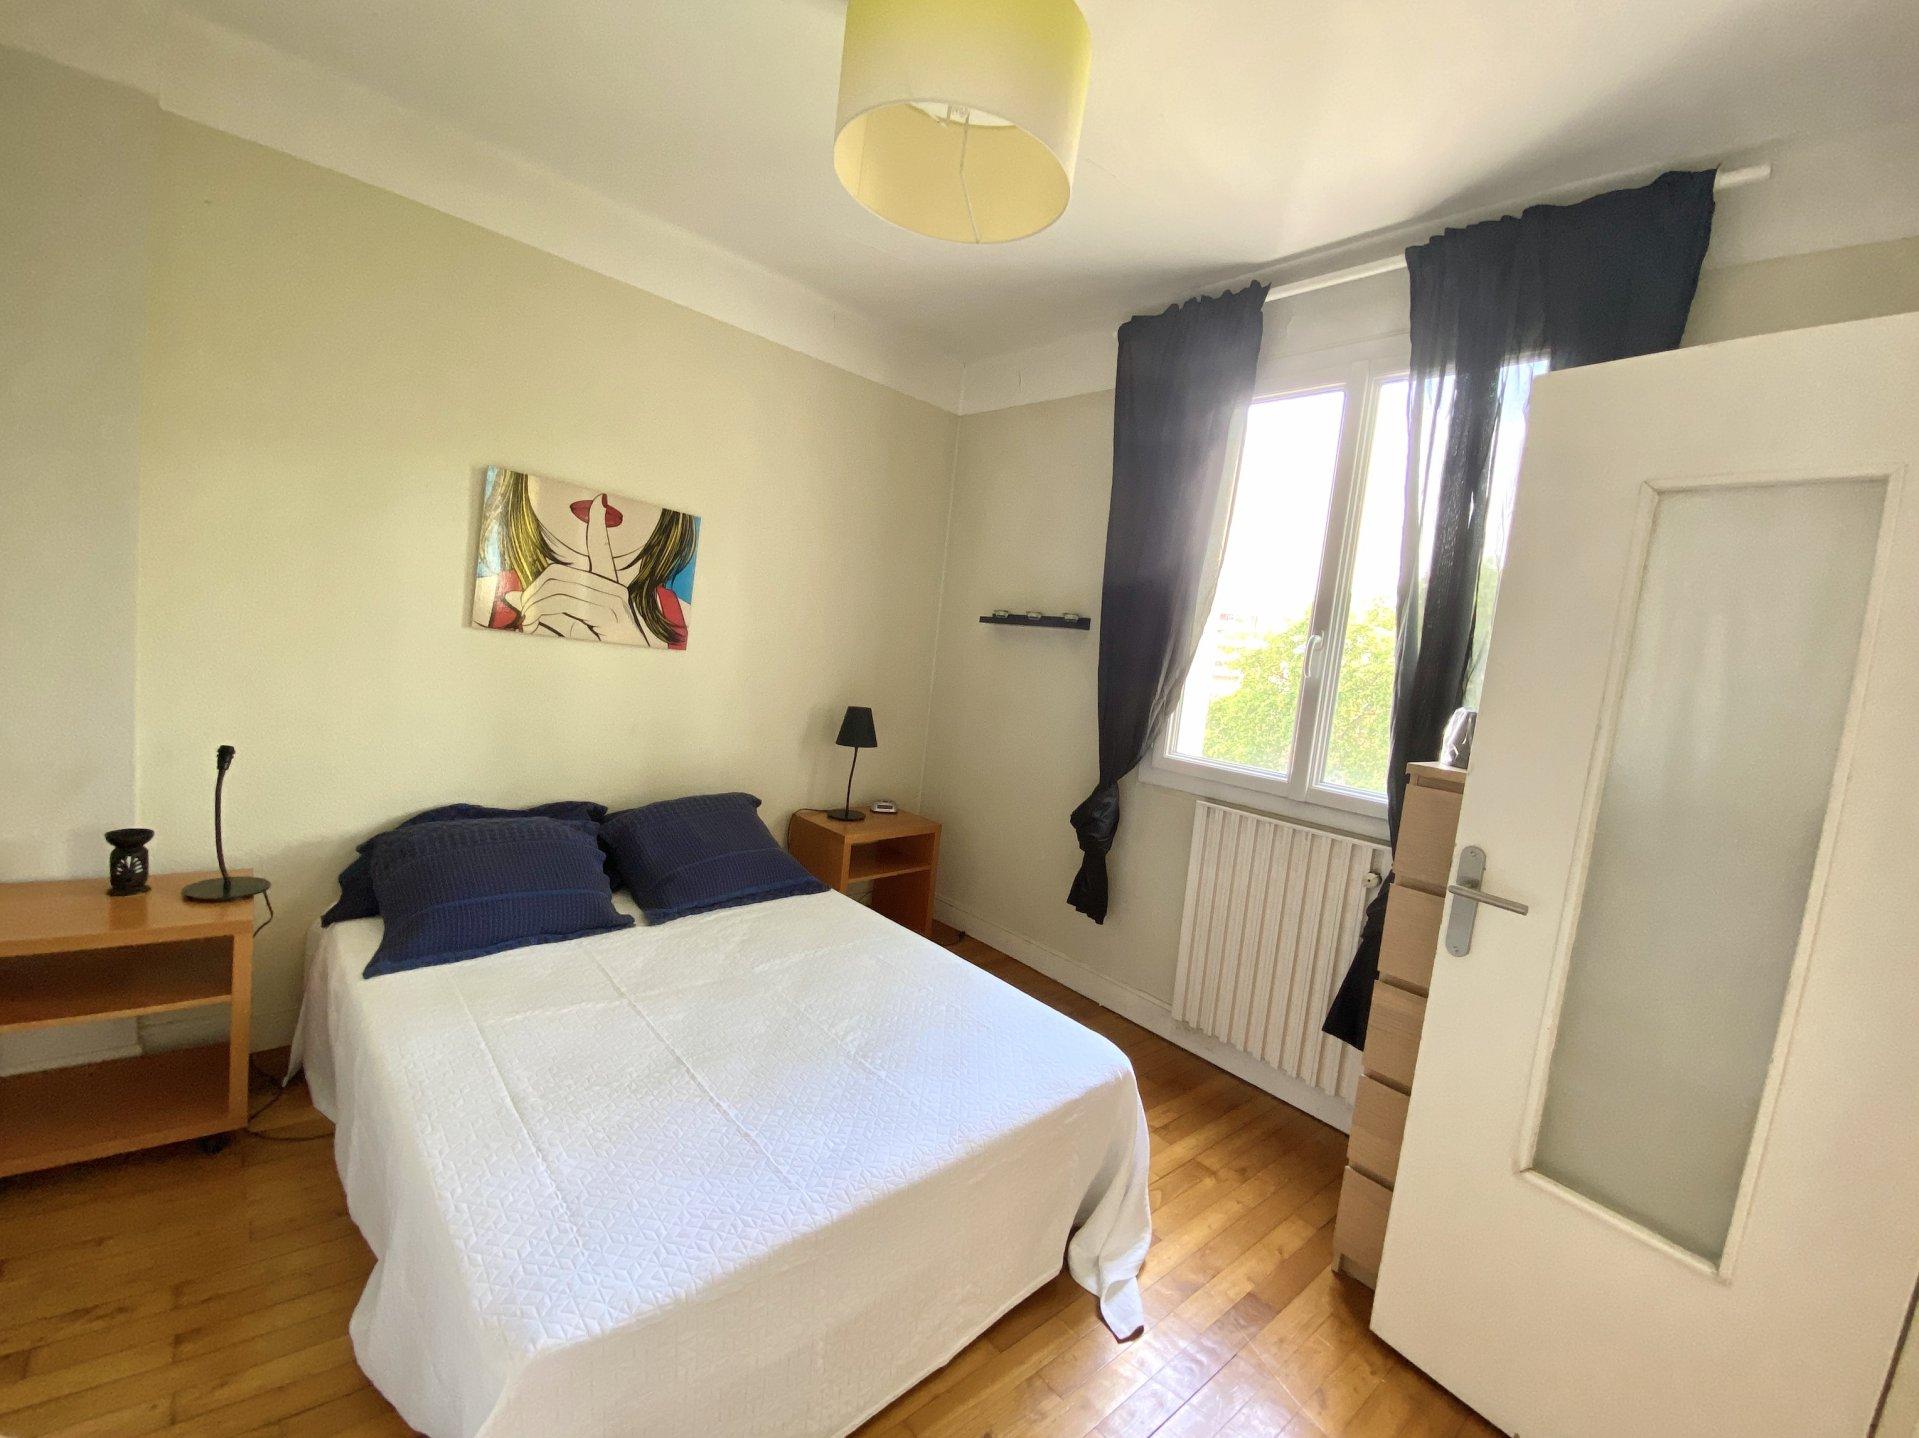 Appartement T3 de 65m2 avec balcons - Grand Rond / Port Saint-Sauveur